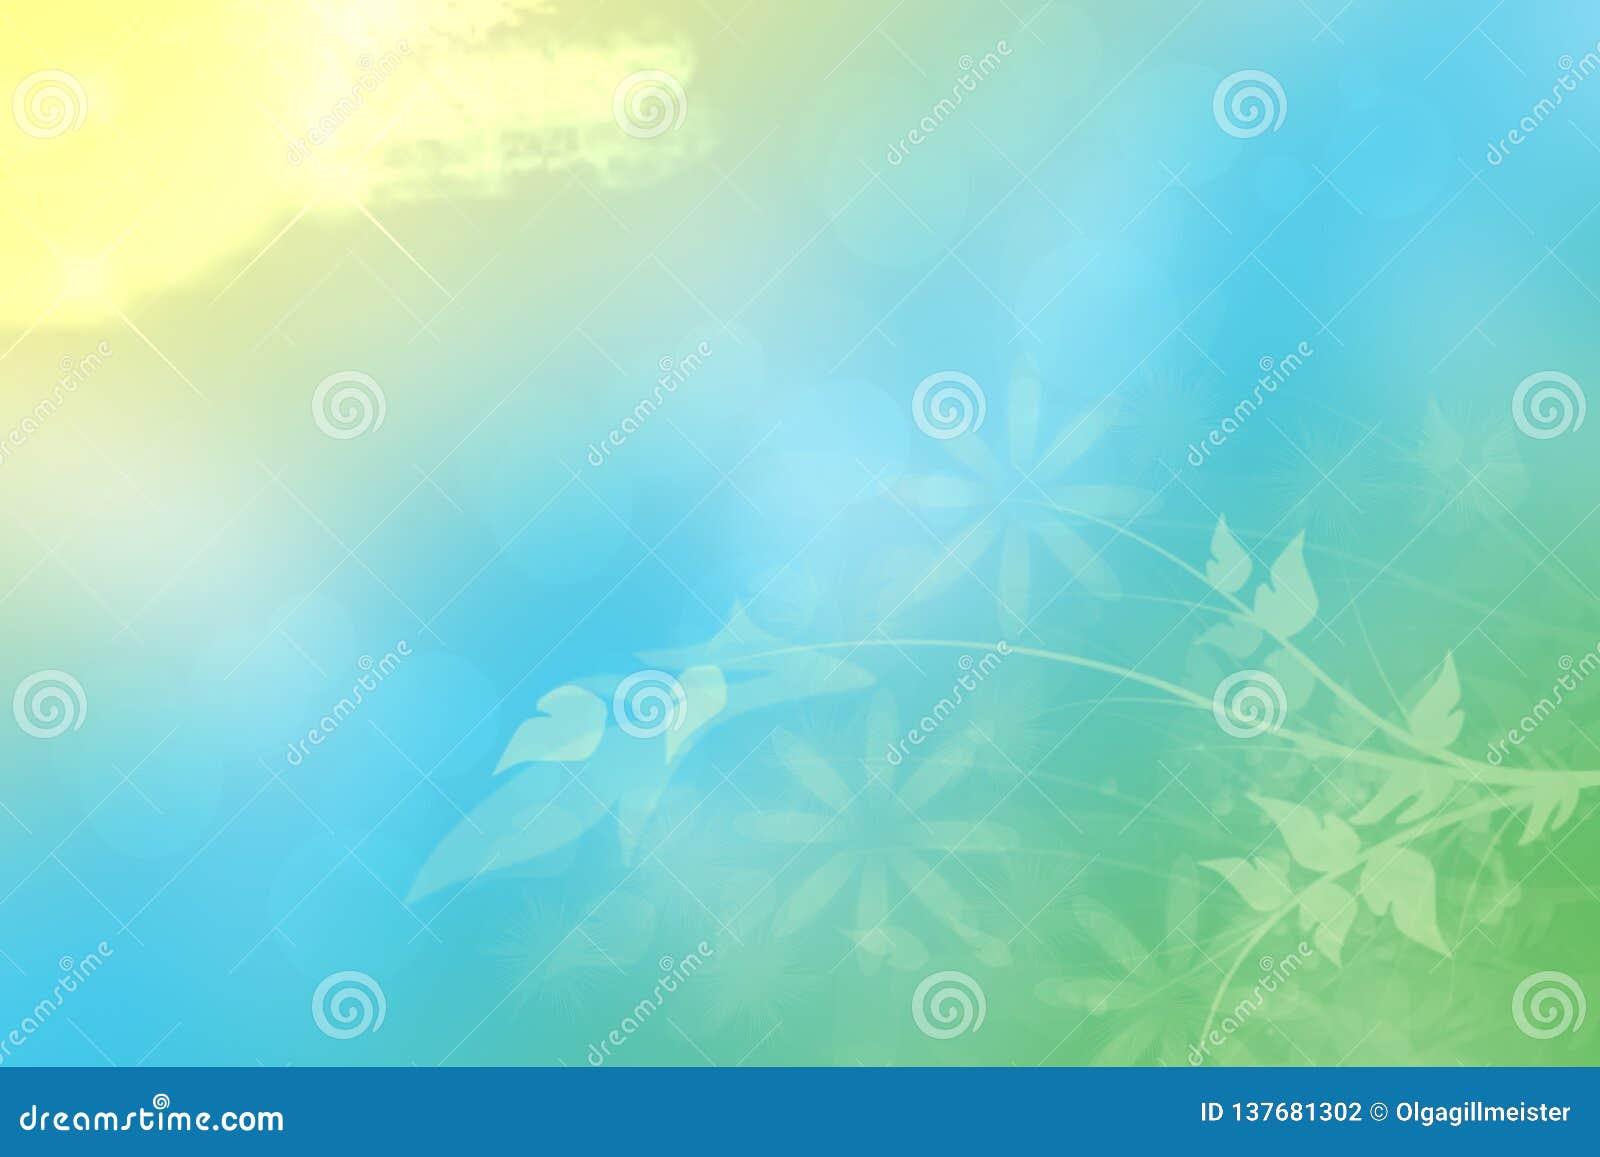 Αφηρημένο υπόβαθρο λουλουδιών άνοιξης ή καλοκαιριού Αφηρημένο υπόβαθρο λουλουδιών με τα όμορφα πράσινα λουλούδια, τα φω τα ήλιων